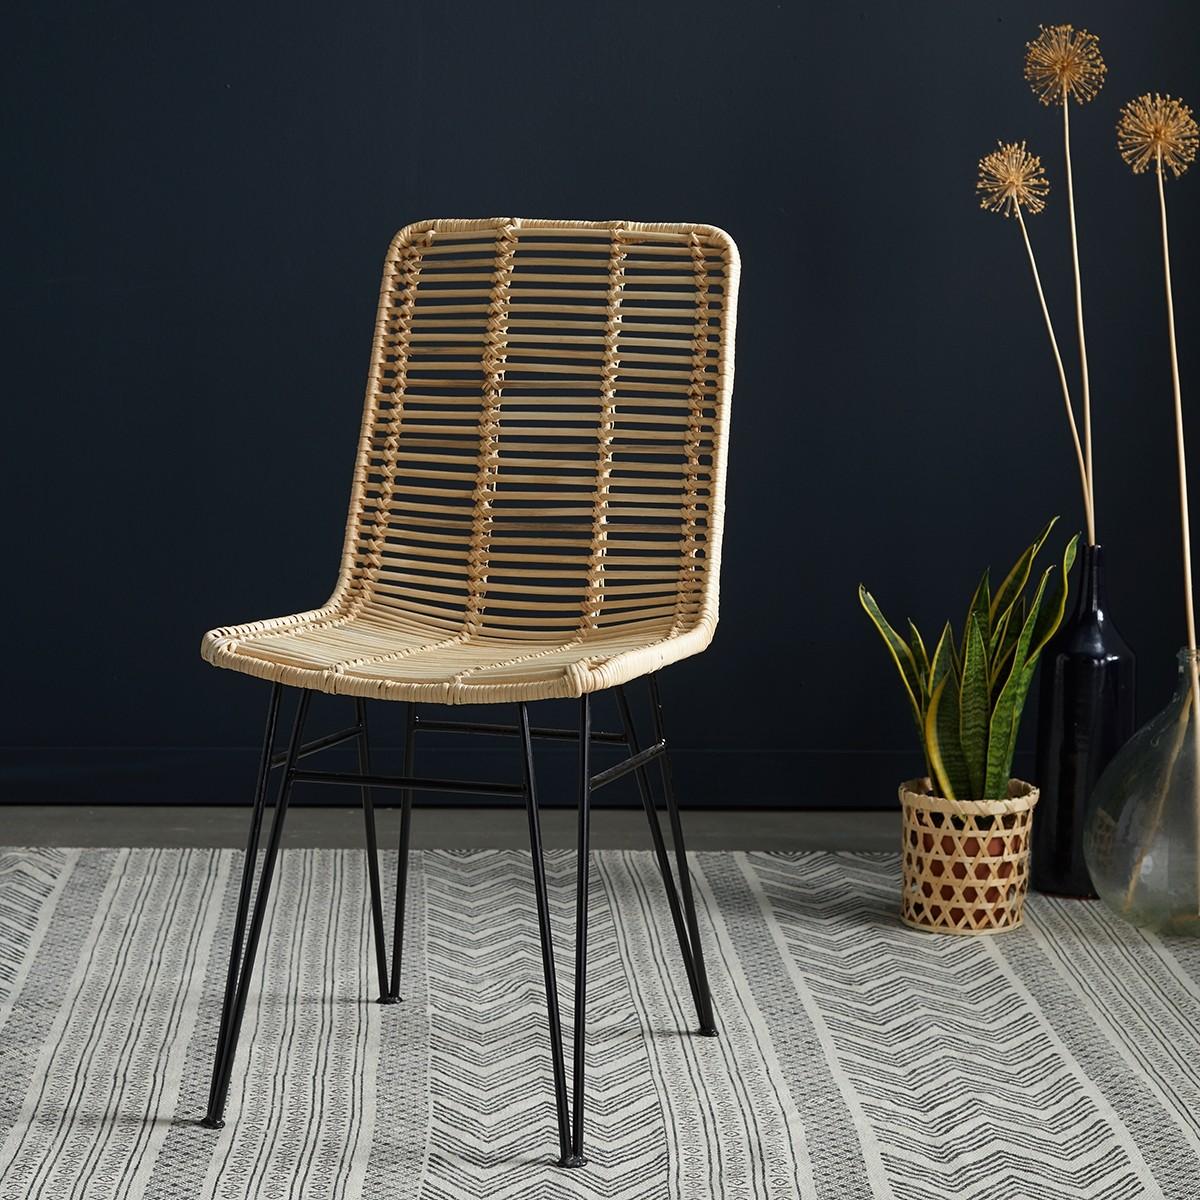 Chaise en rotin et pieds m tal bois dessus bois dessous for Chaise en rotin et metal